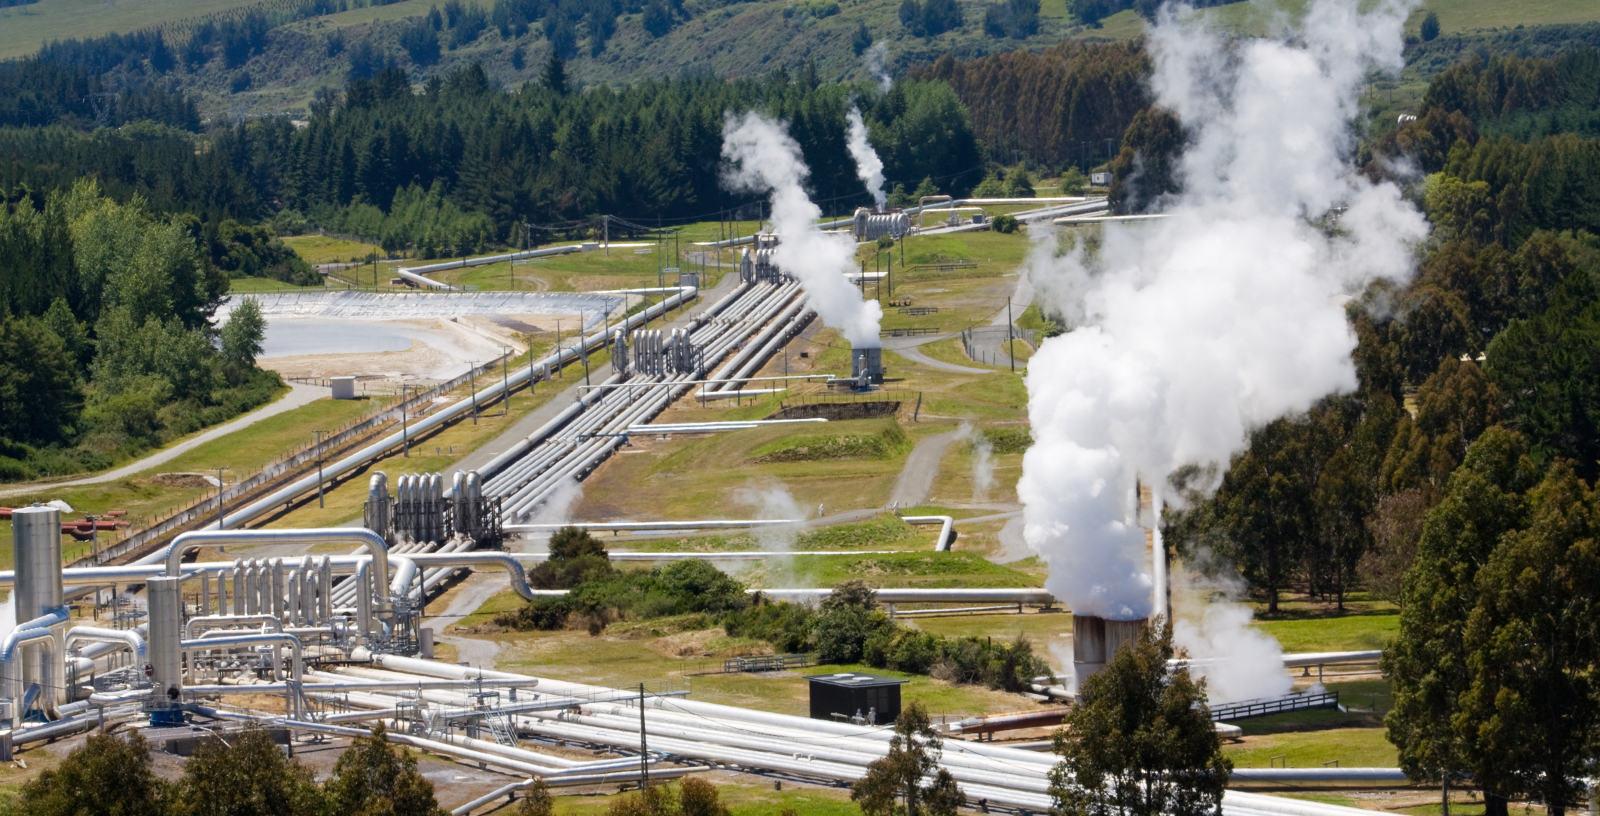 Los_HumerosIII_Geothermal_Plant_Mexico_CEF_IDOM